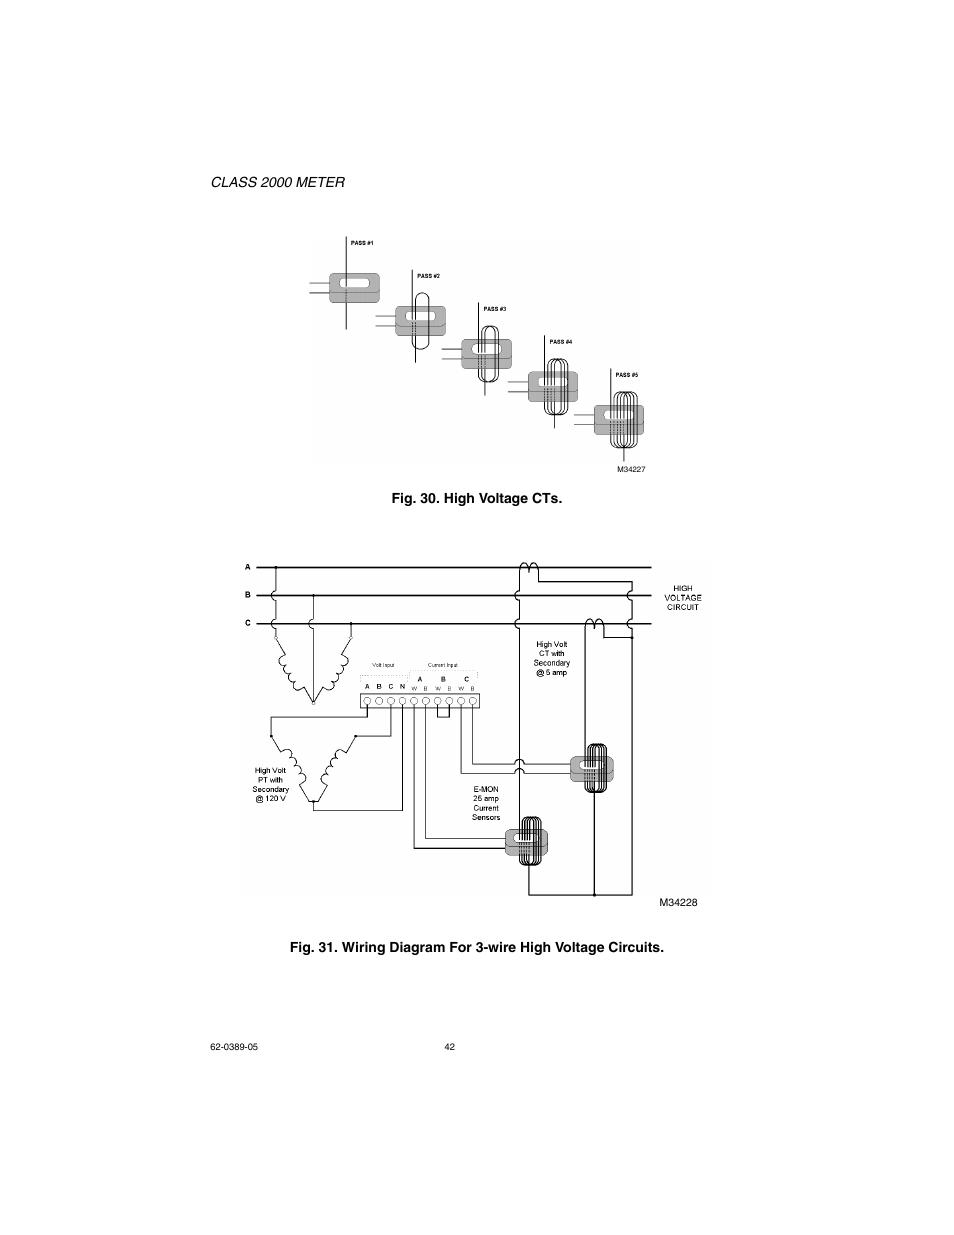 emon meter wiring diagram